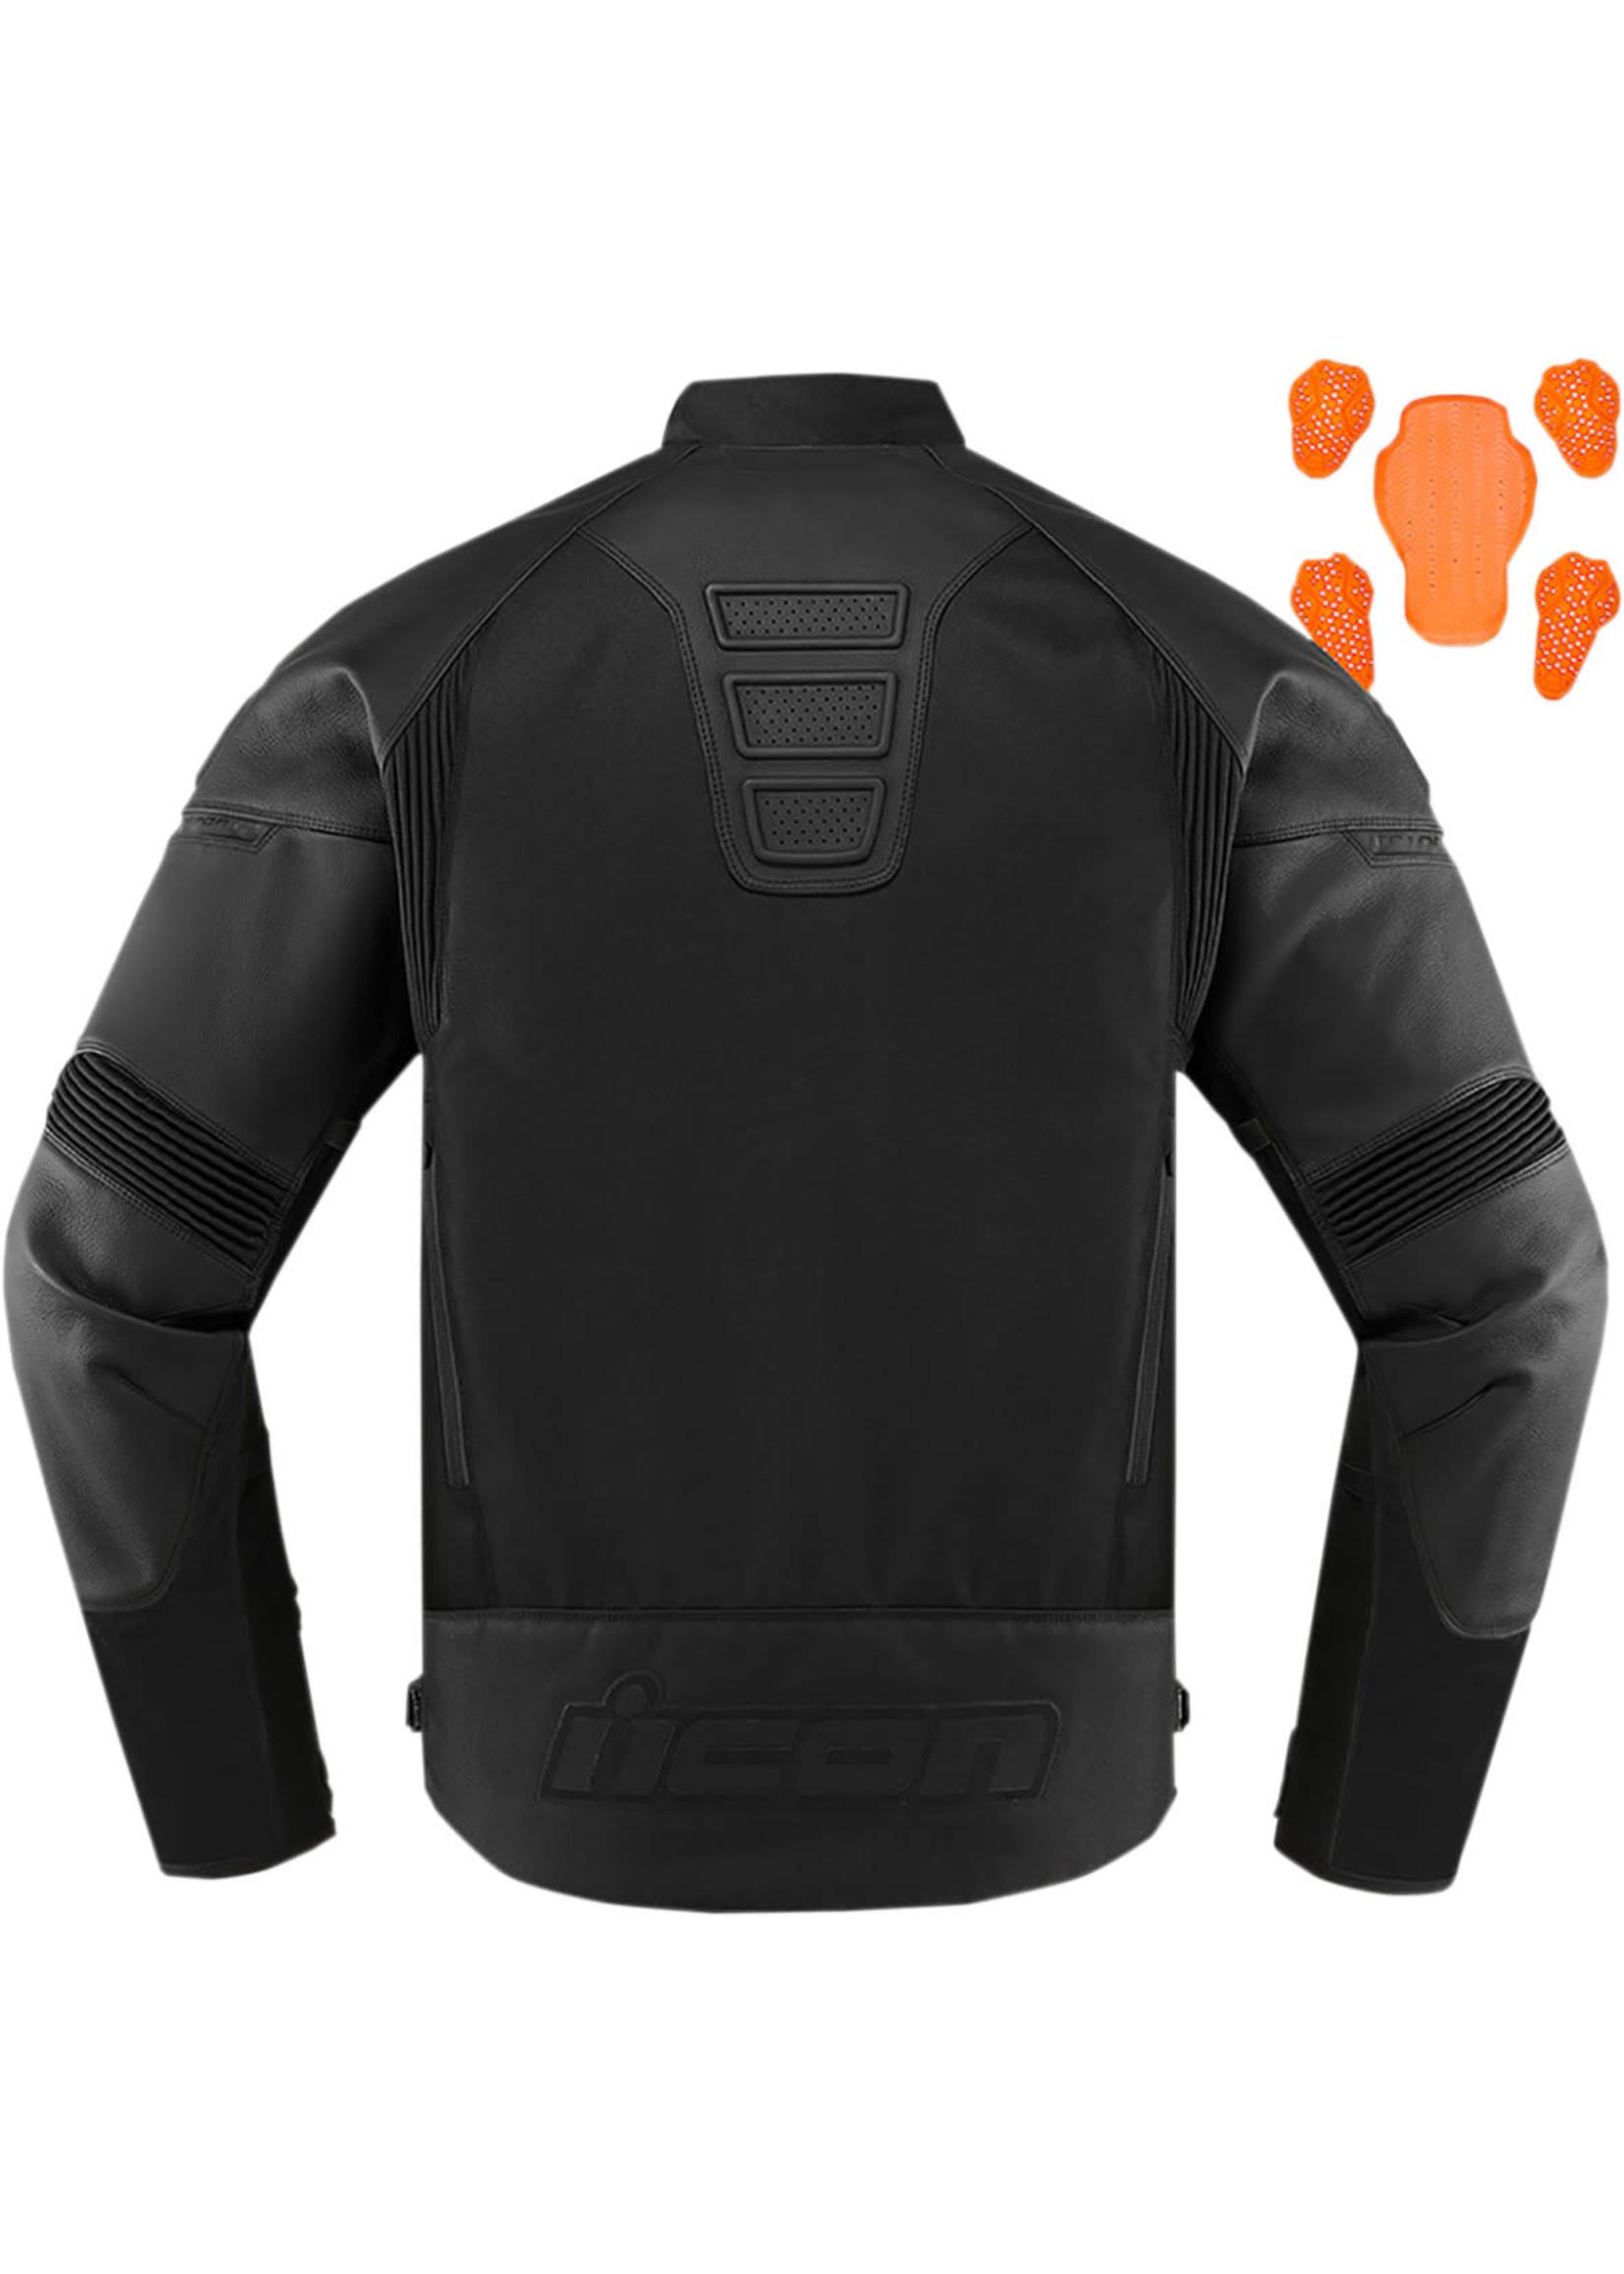 ICON ICON Contra2 CE Jacket